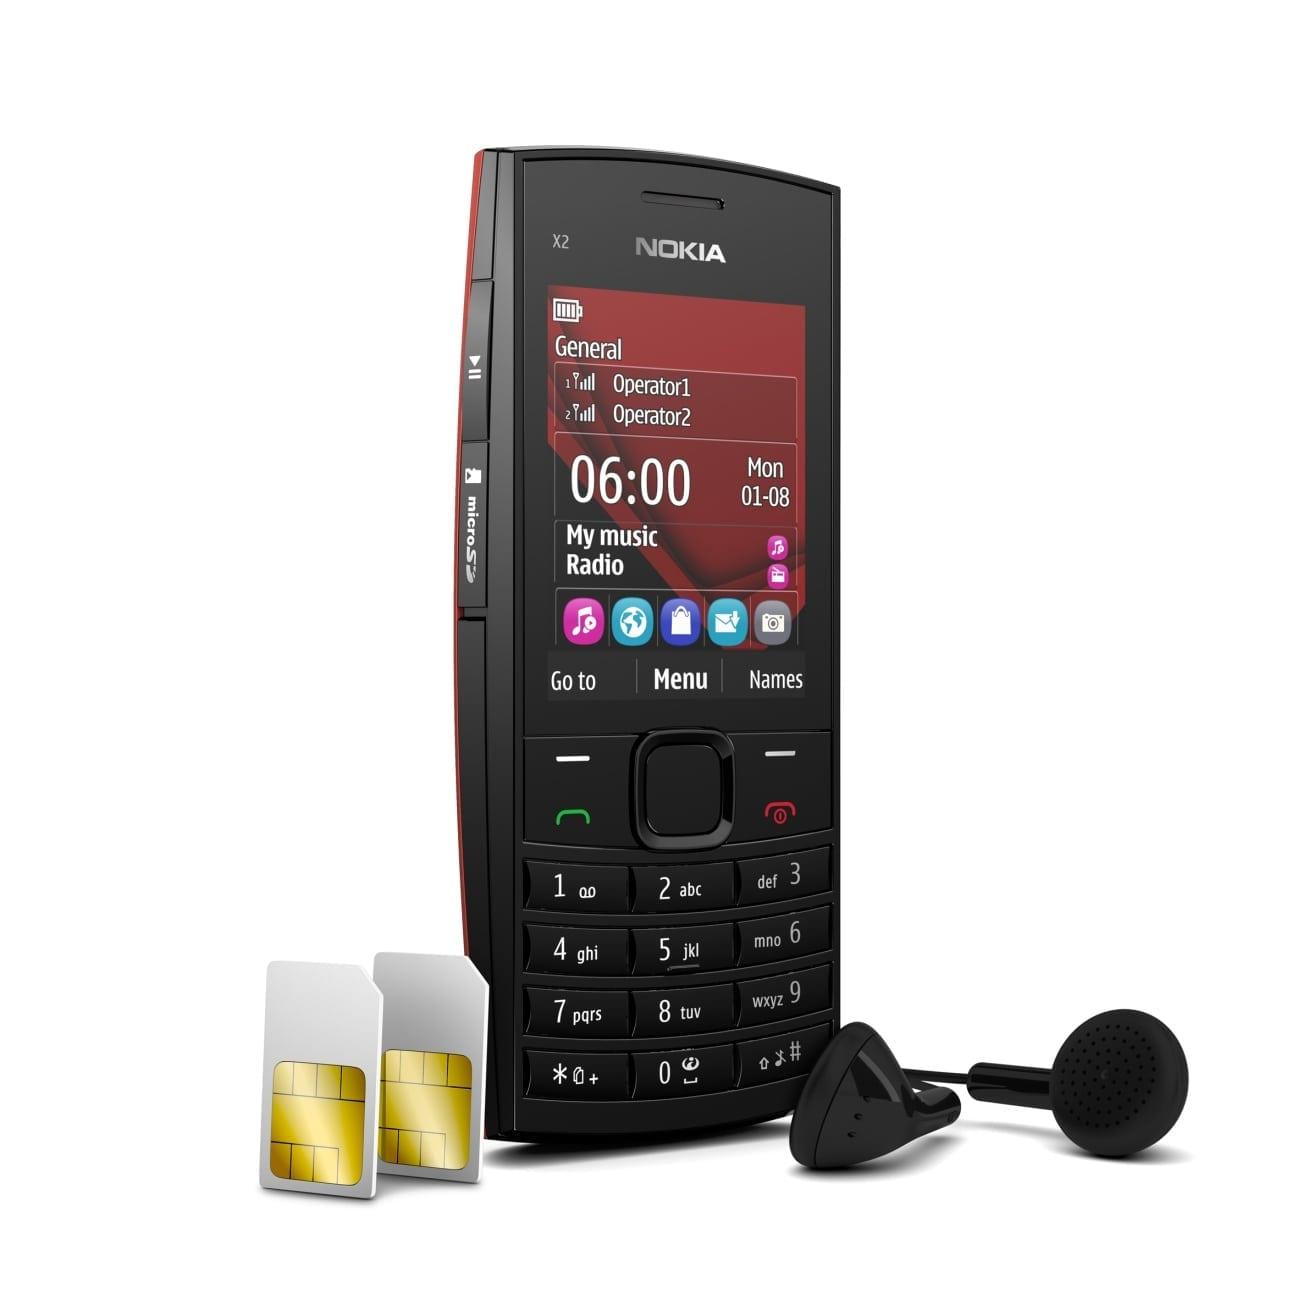 nokia x2 02 300x300 Nokia X2 02: Muzica, Dual SIM, la un pret de 60 ...